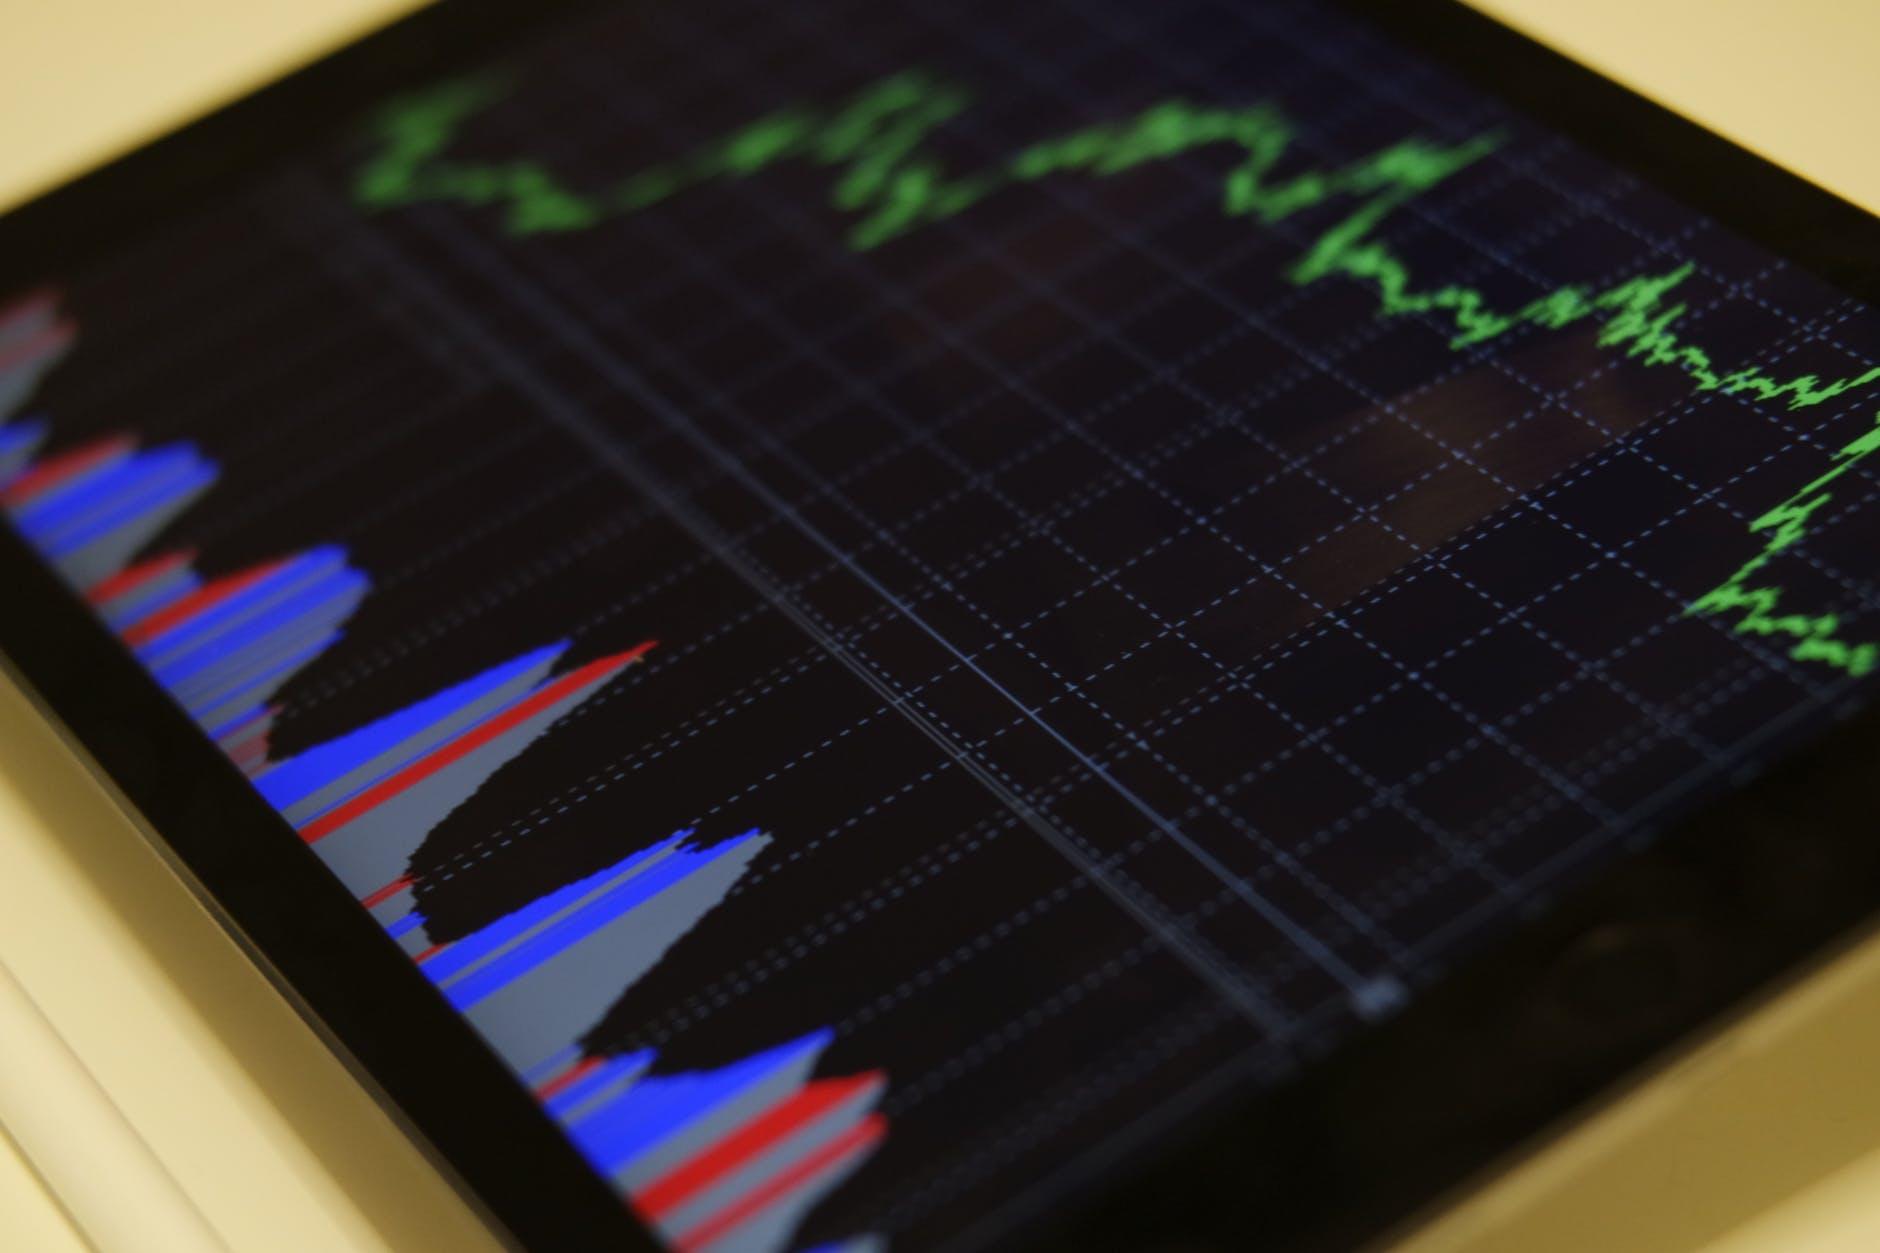 Saham CPRO dan Sejarahnya yang Perlu Investor Tahu